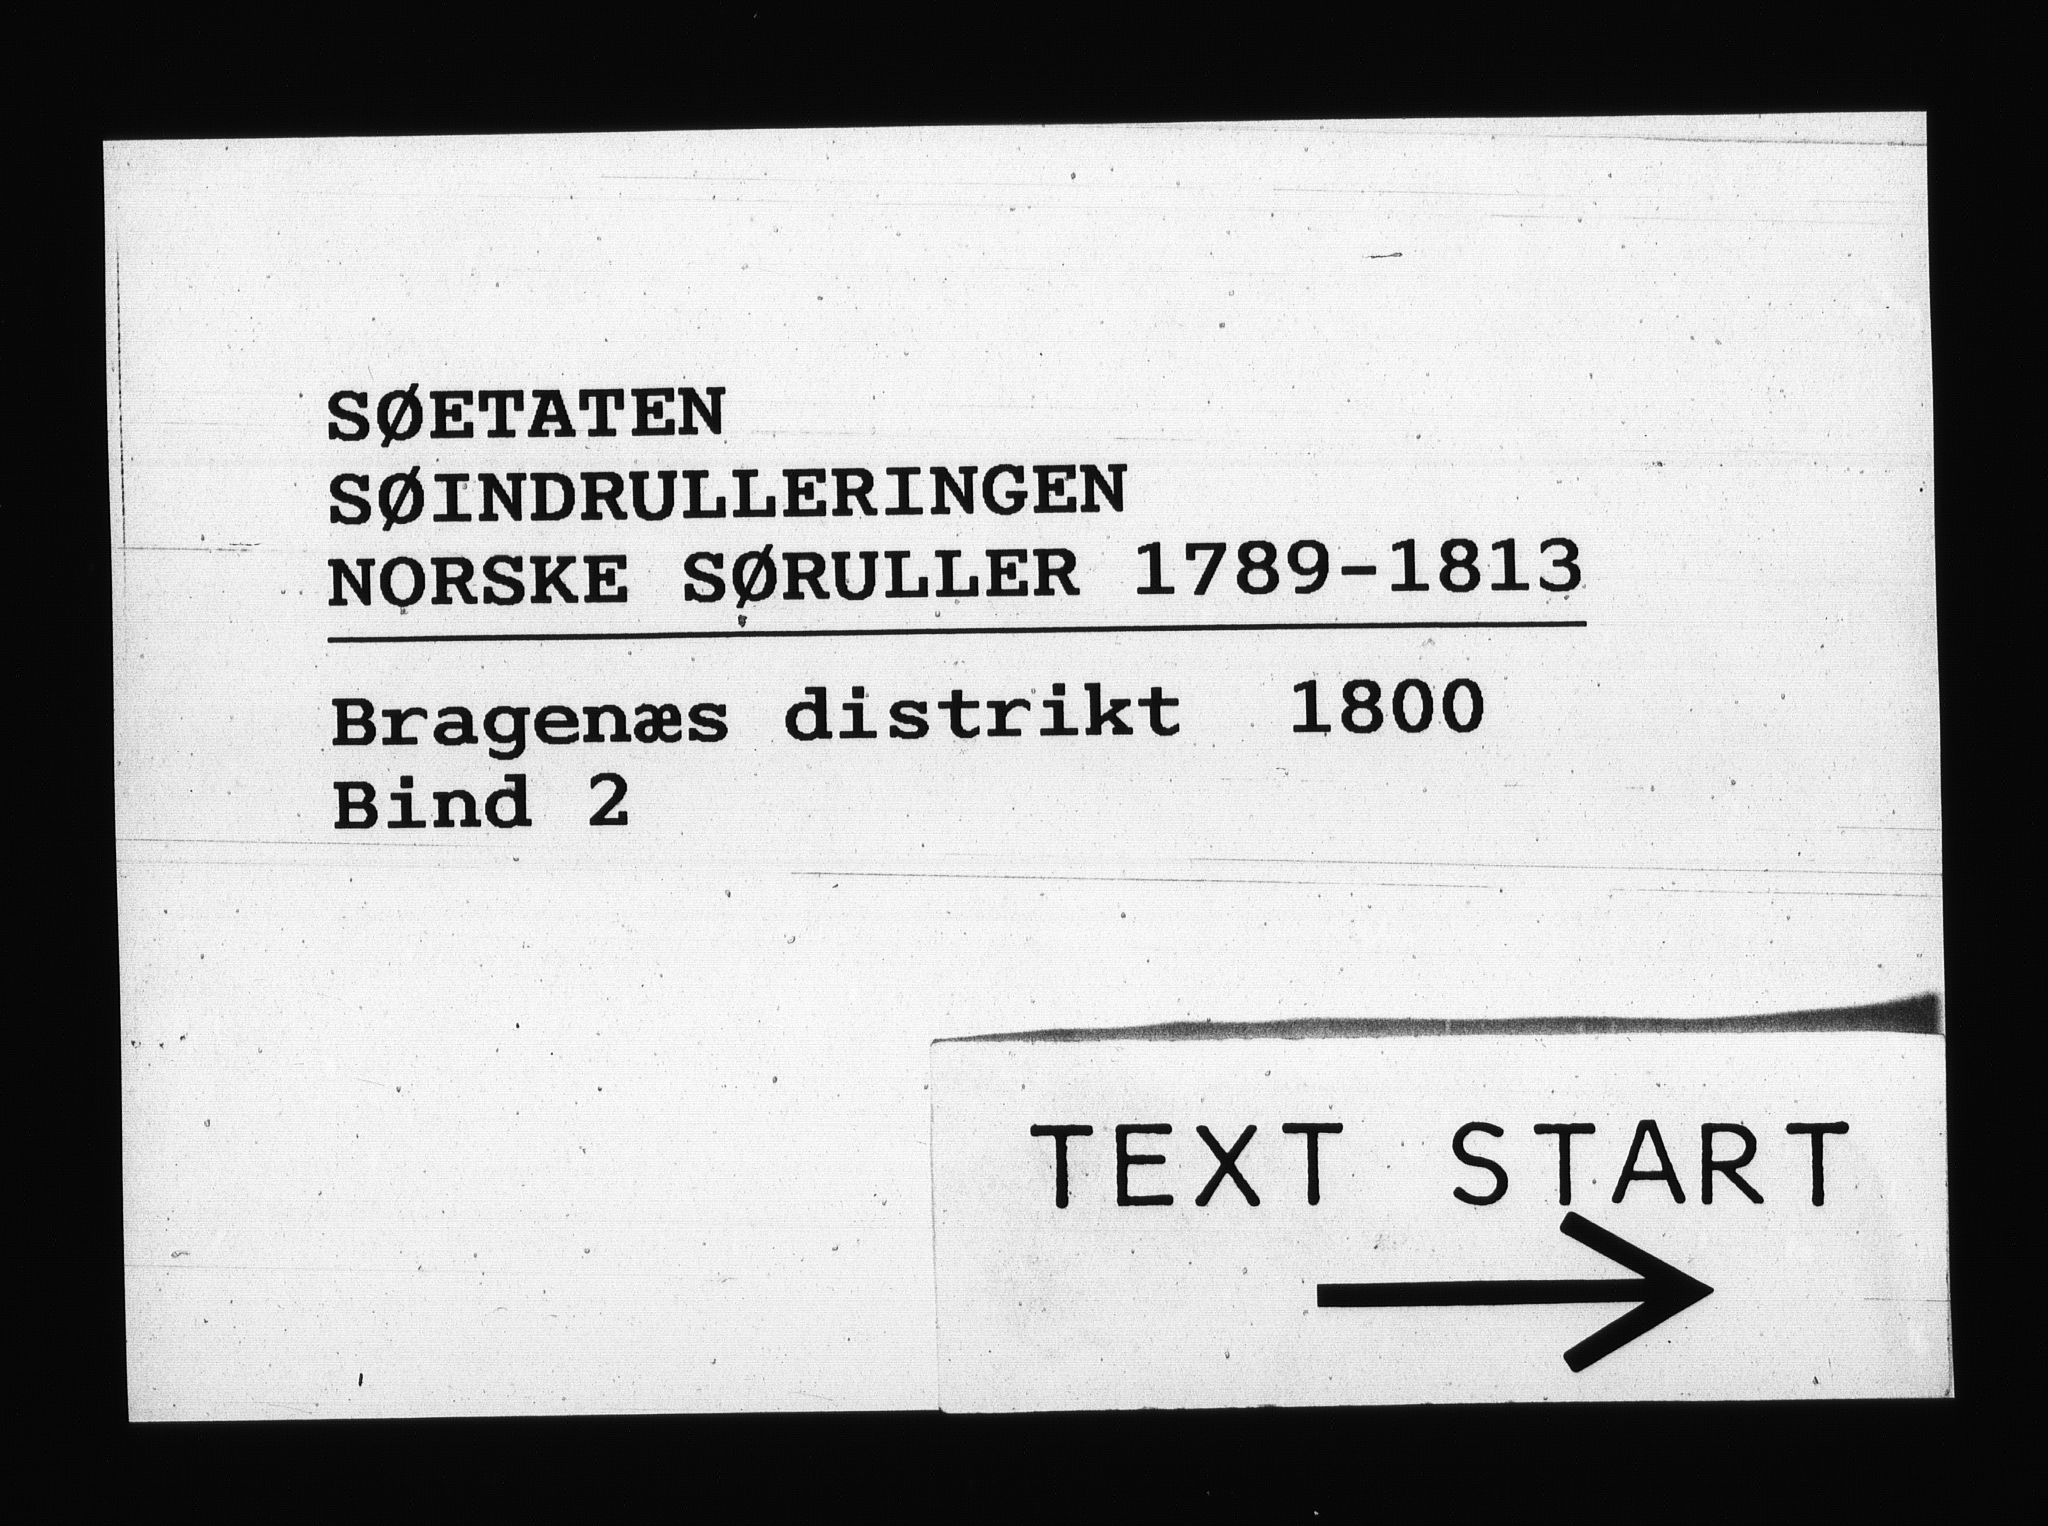 RA, Sjøetaten, F/L0129: Bragernes distrikt, bind 2, 1800